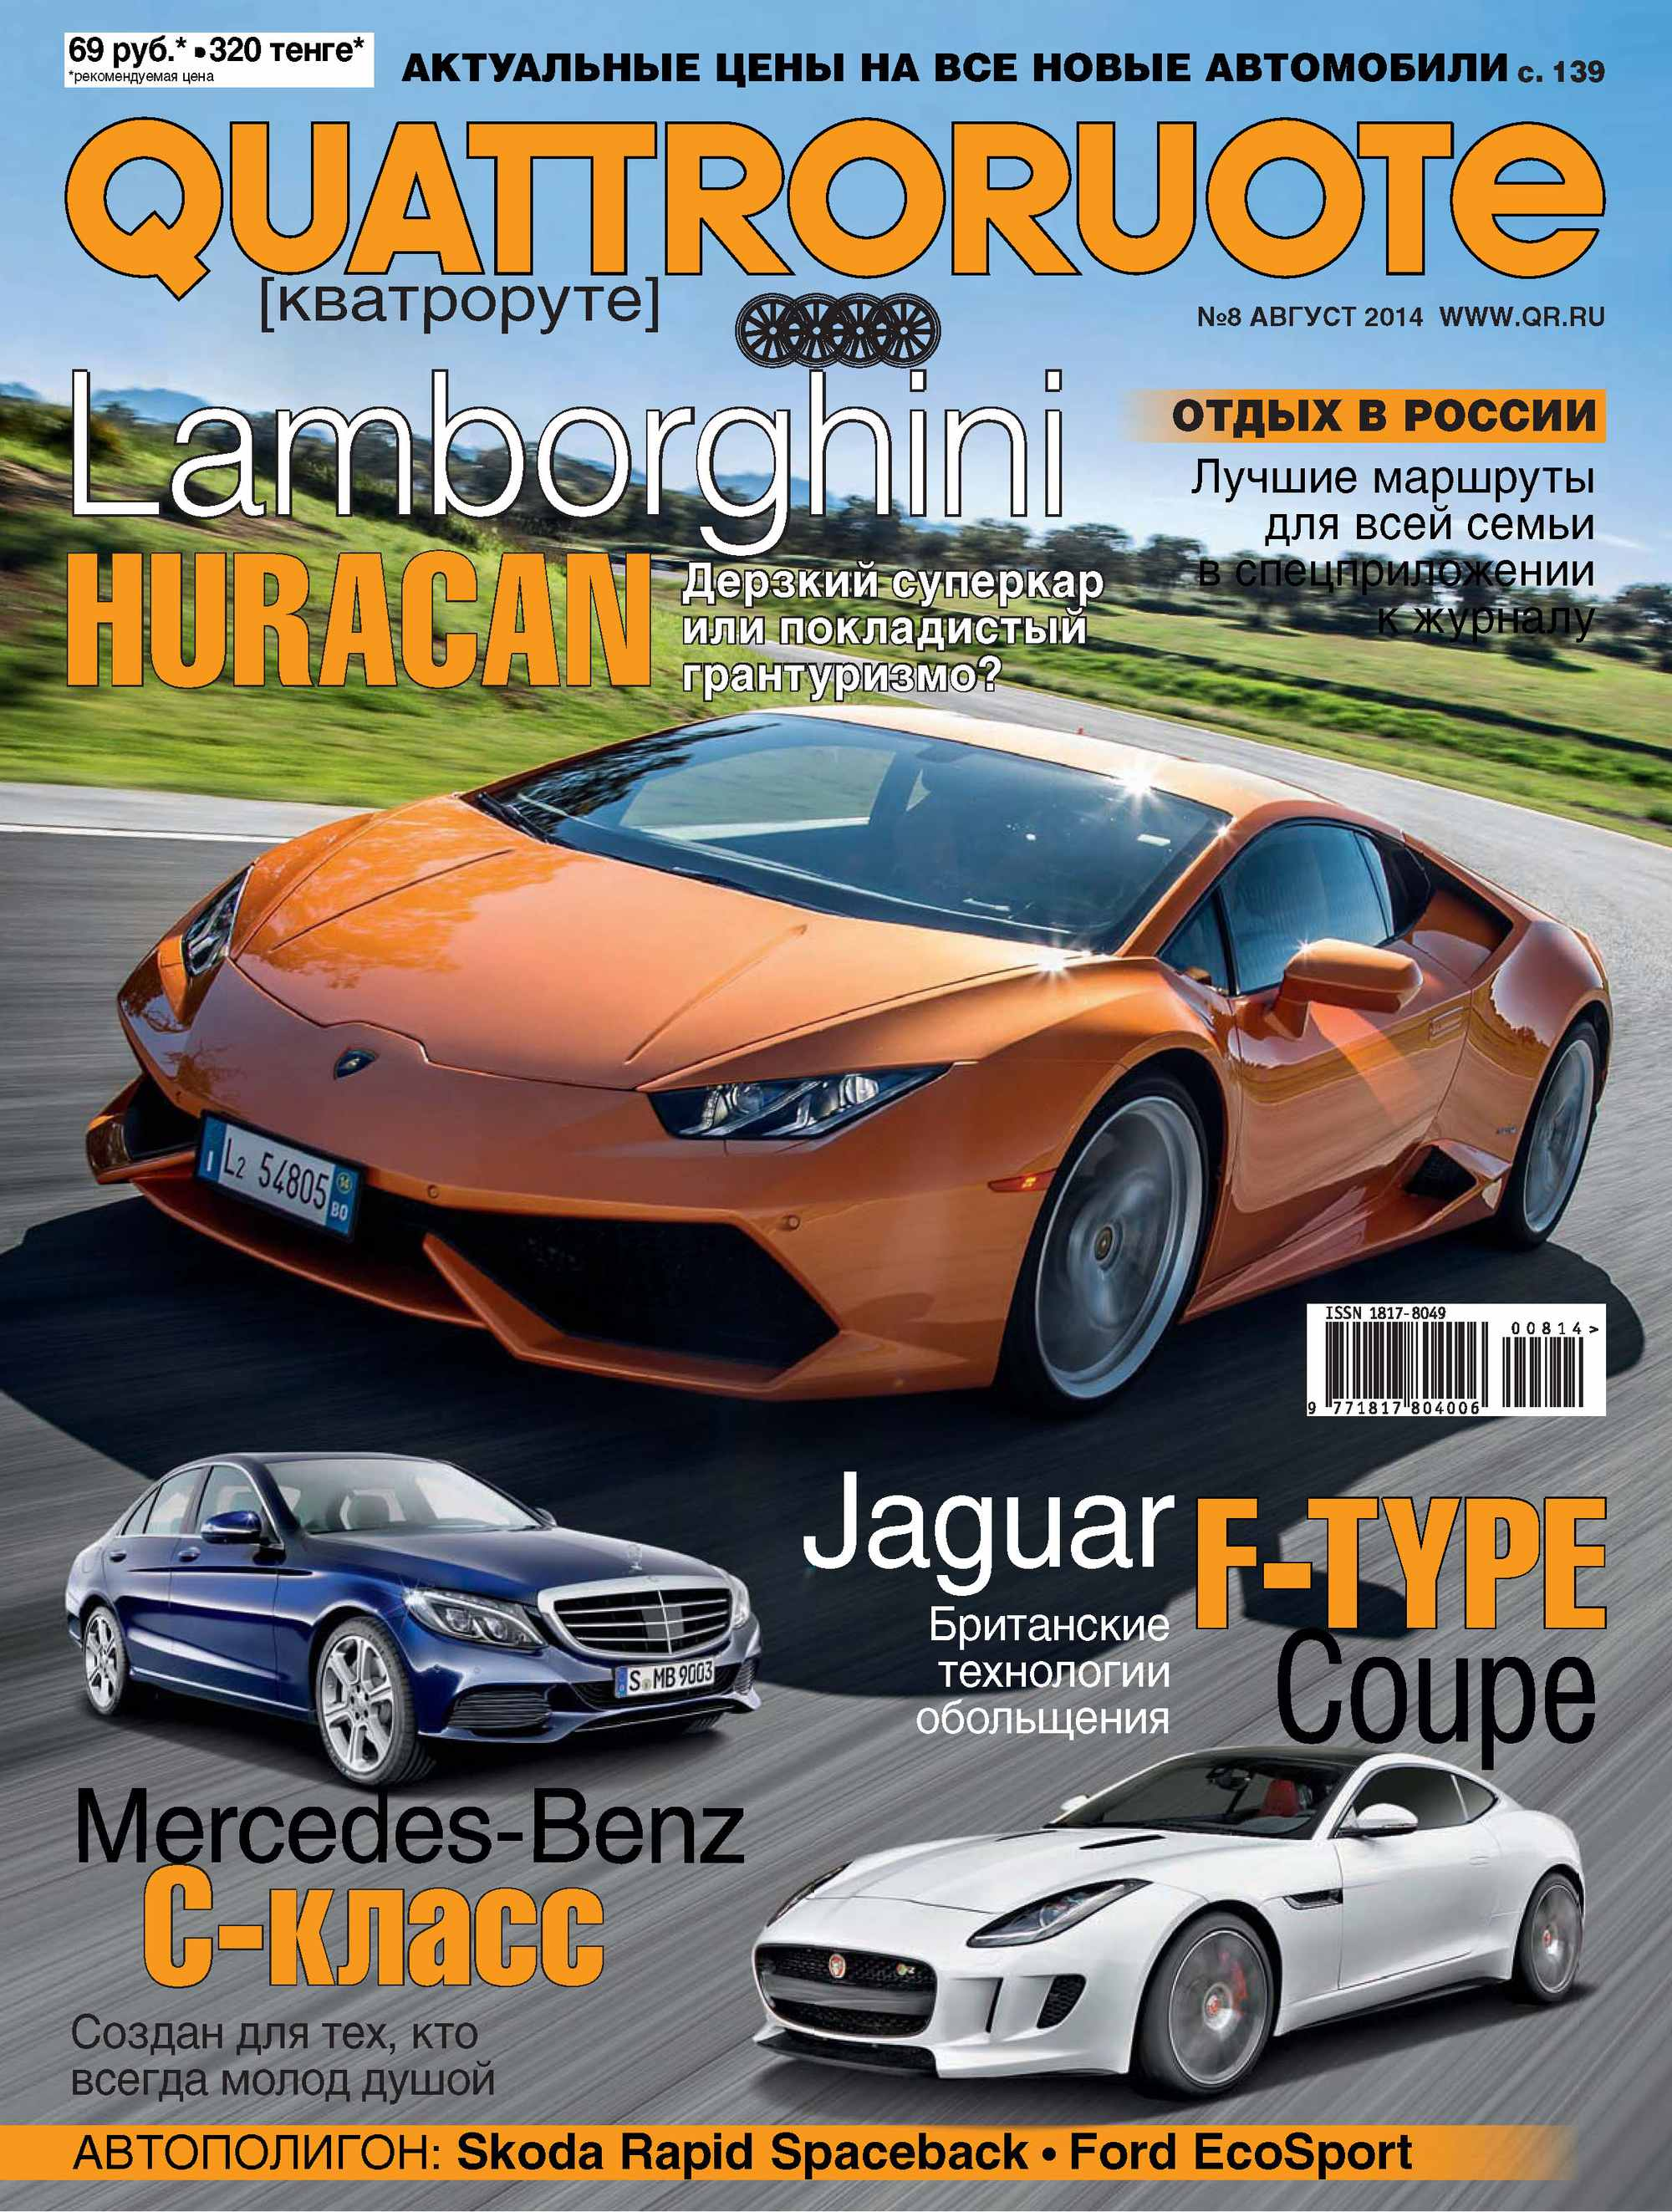 ИД «Бурда» Quattroruote №08/2014 ид бурда quattroruote 09 2014 page 1